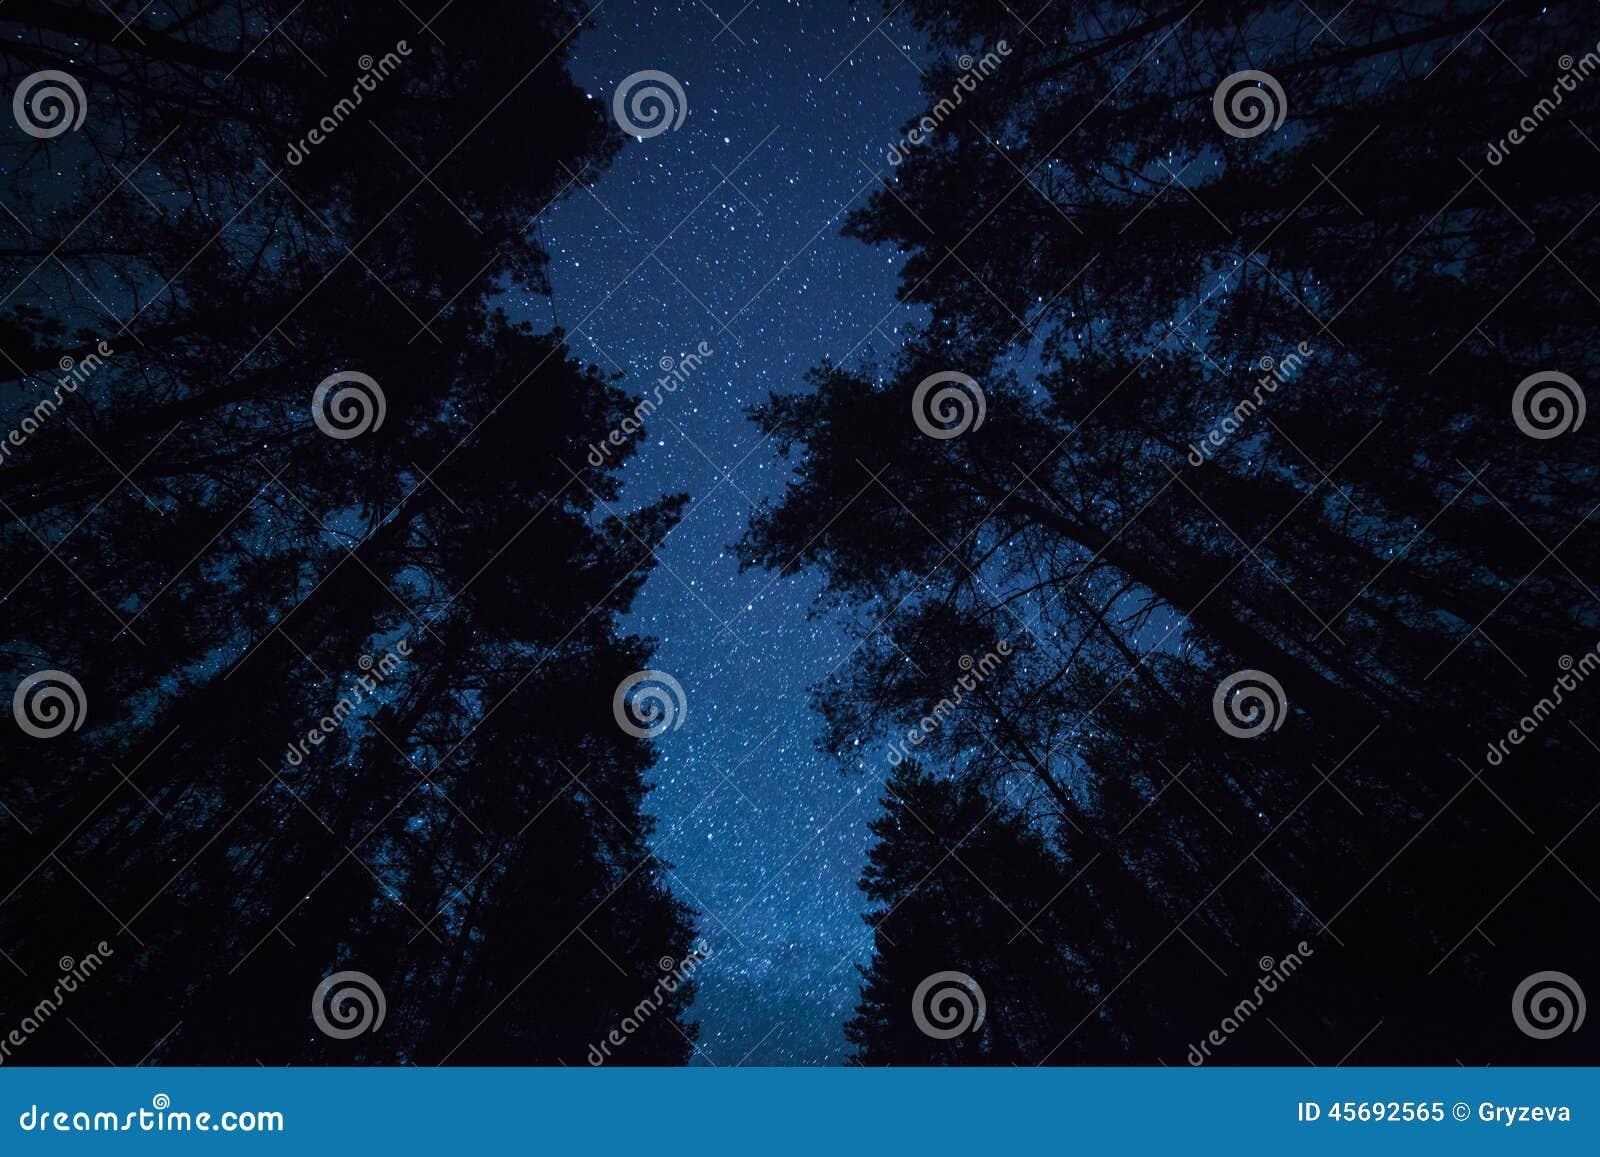 Ein schöner nächtlicher Himmel, die Milchstraße und  Bäume